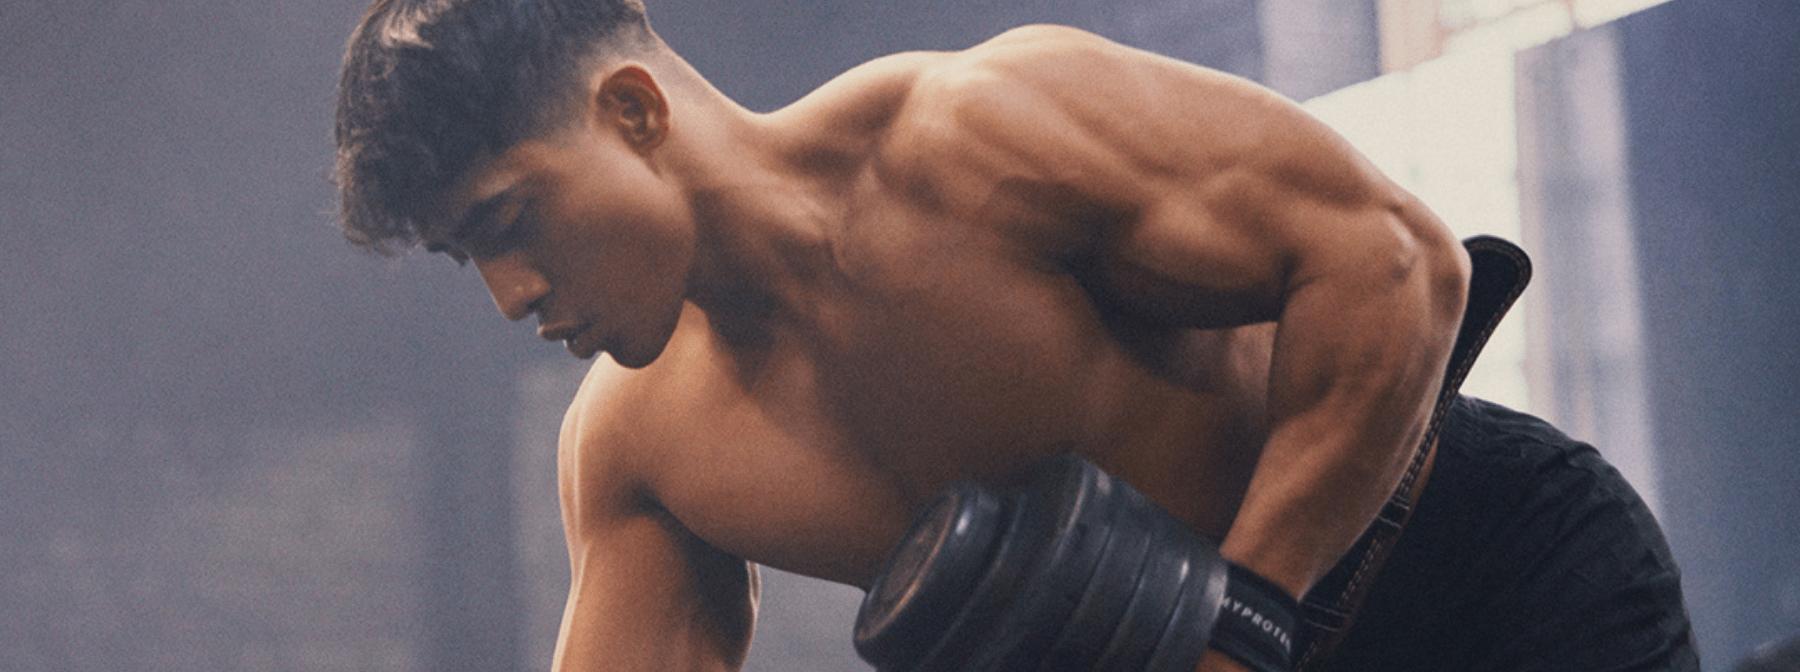 Tous les Exercices avec Haltère : Epaules, Tricpes, Biceps,…